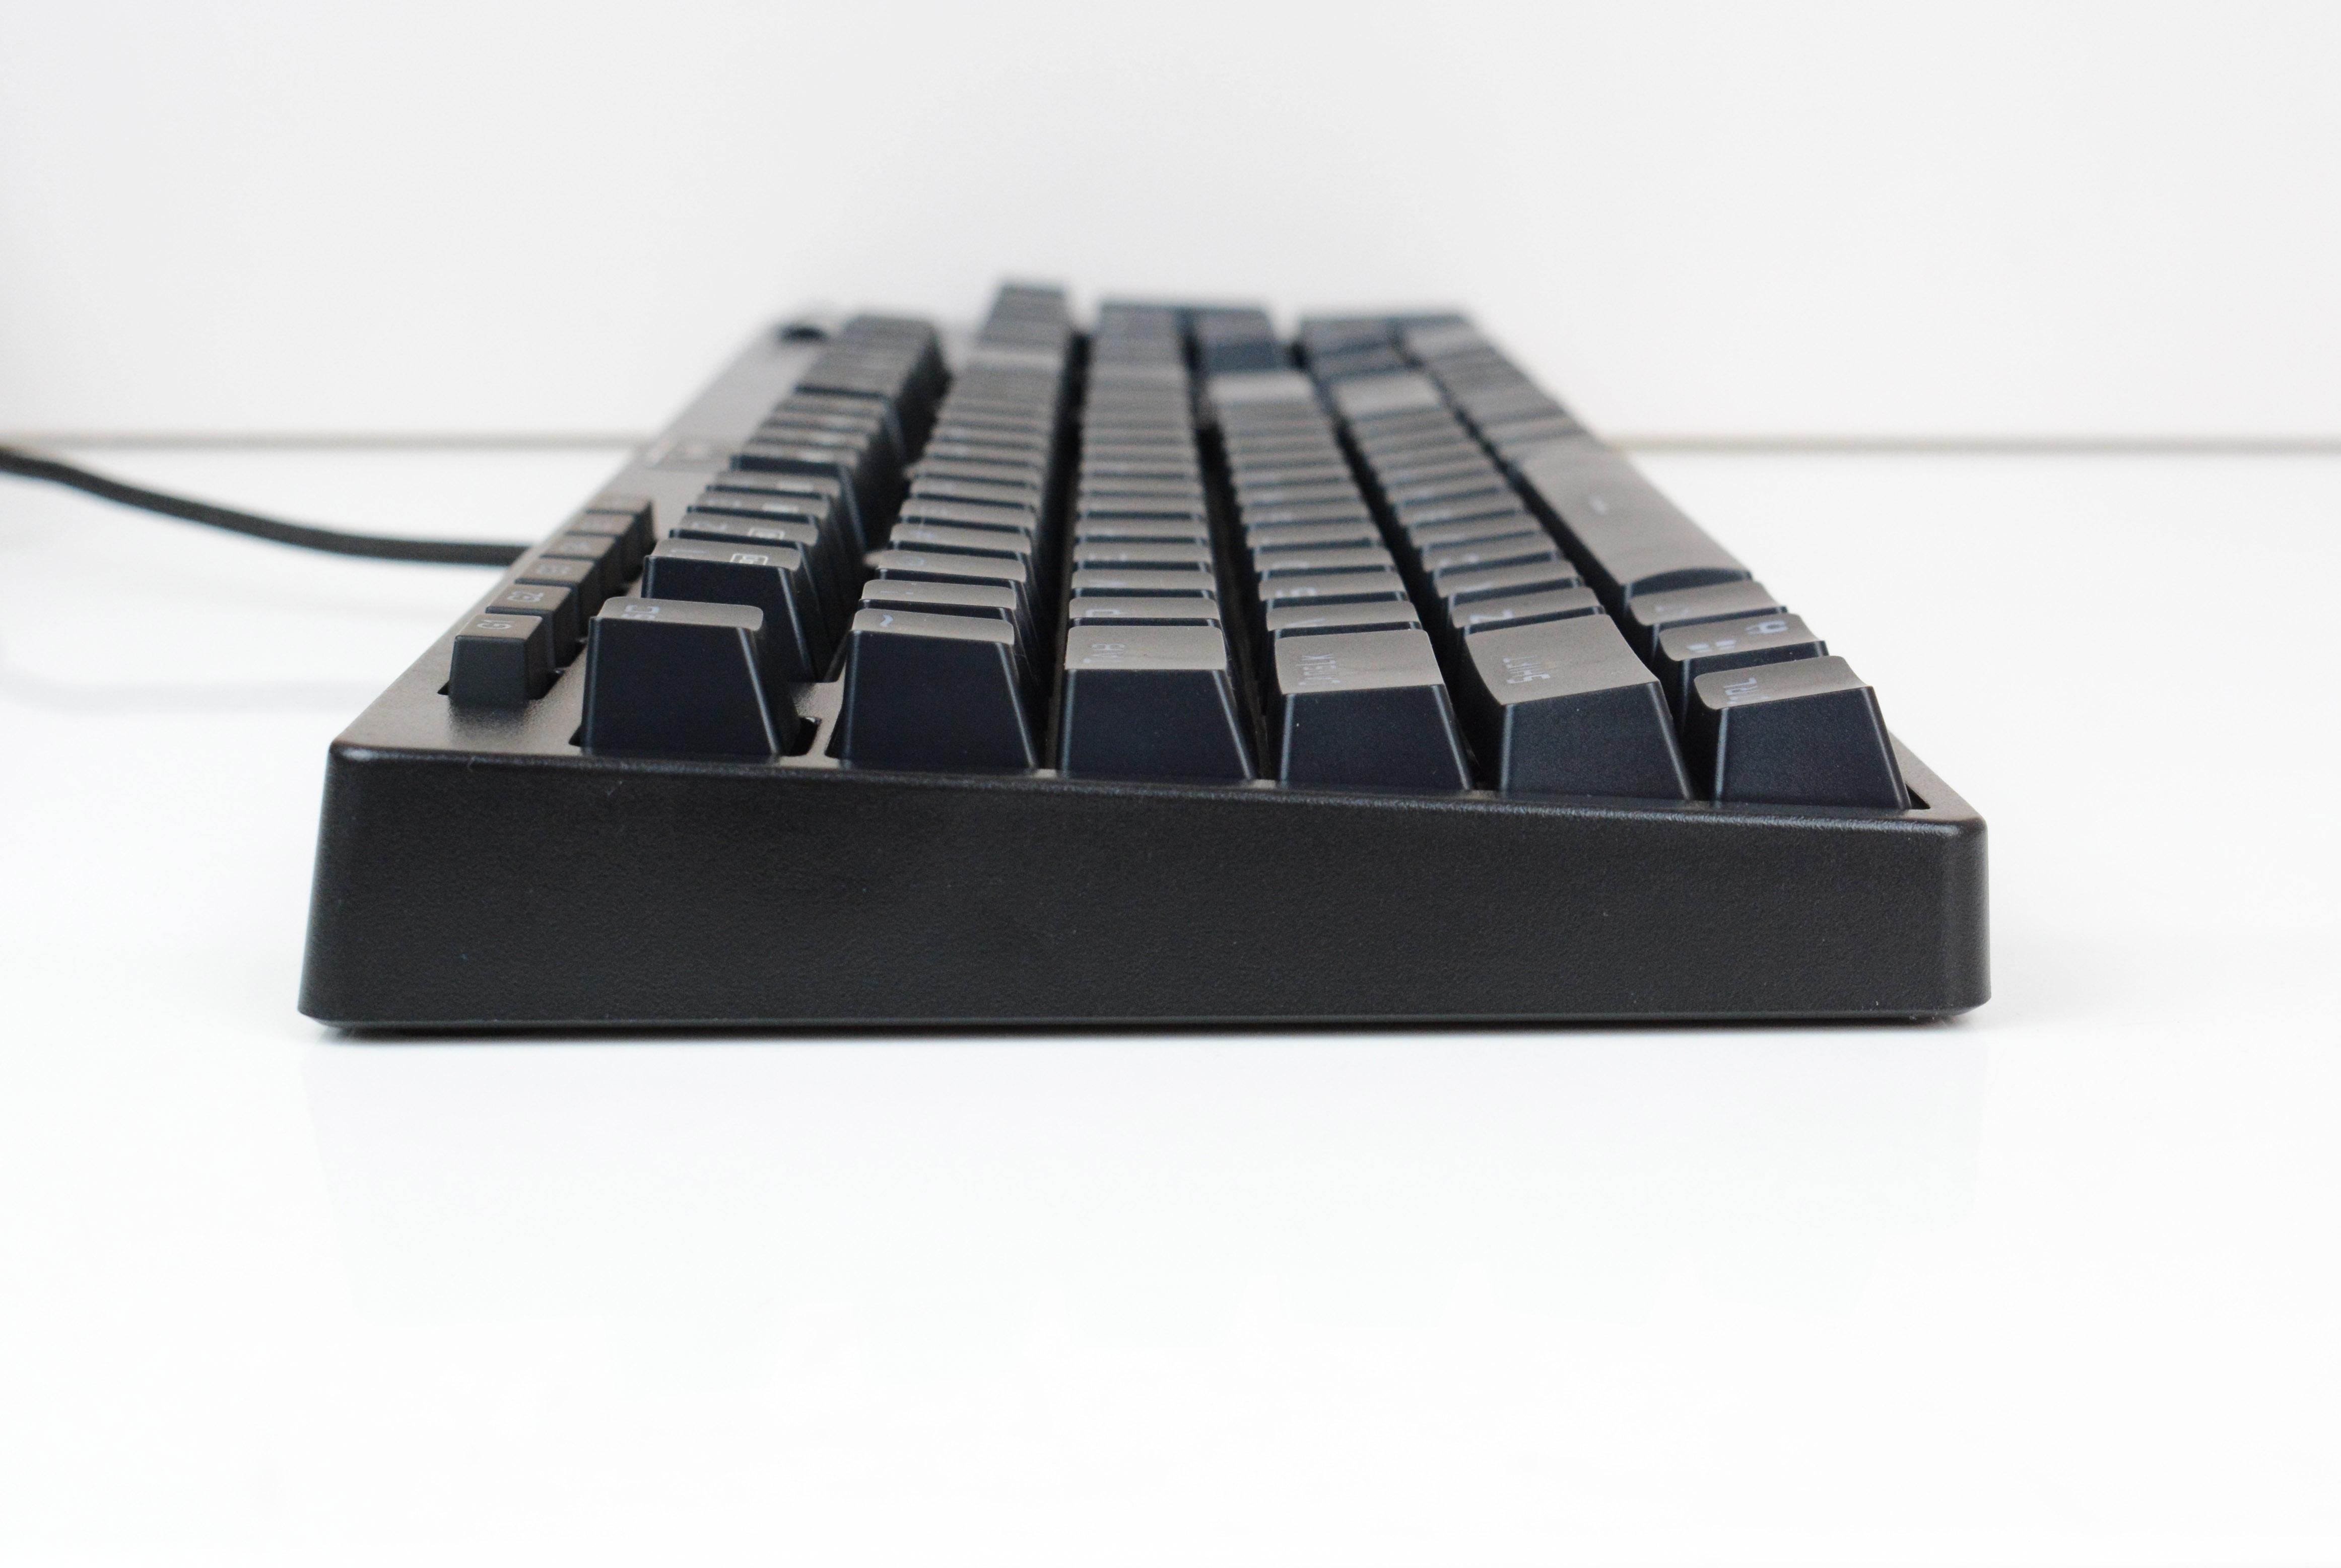 青轴初体验,超频三GI-KB801黑曼巴机械键盘 上手